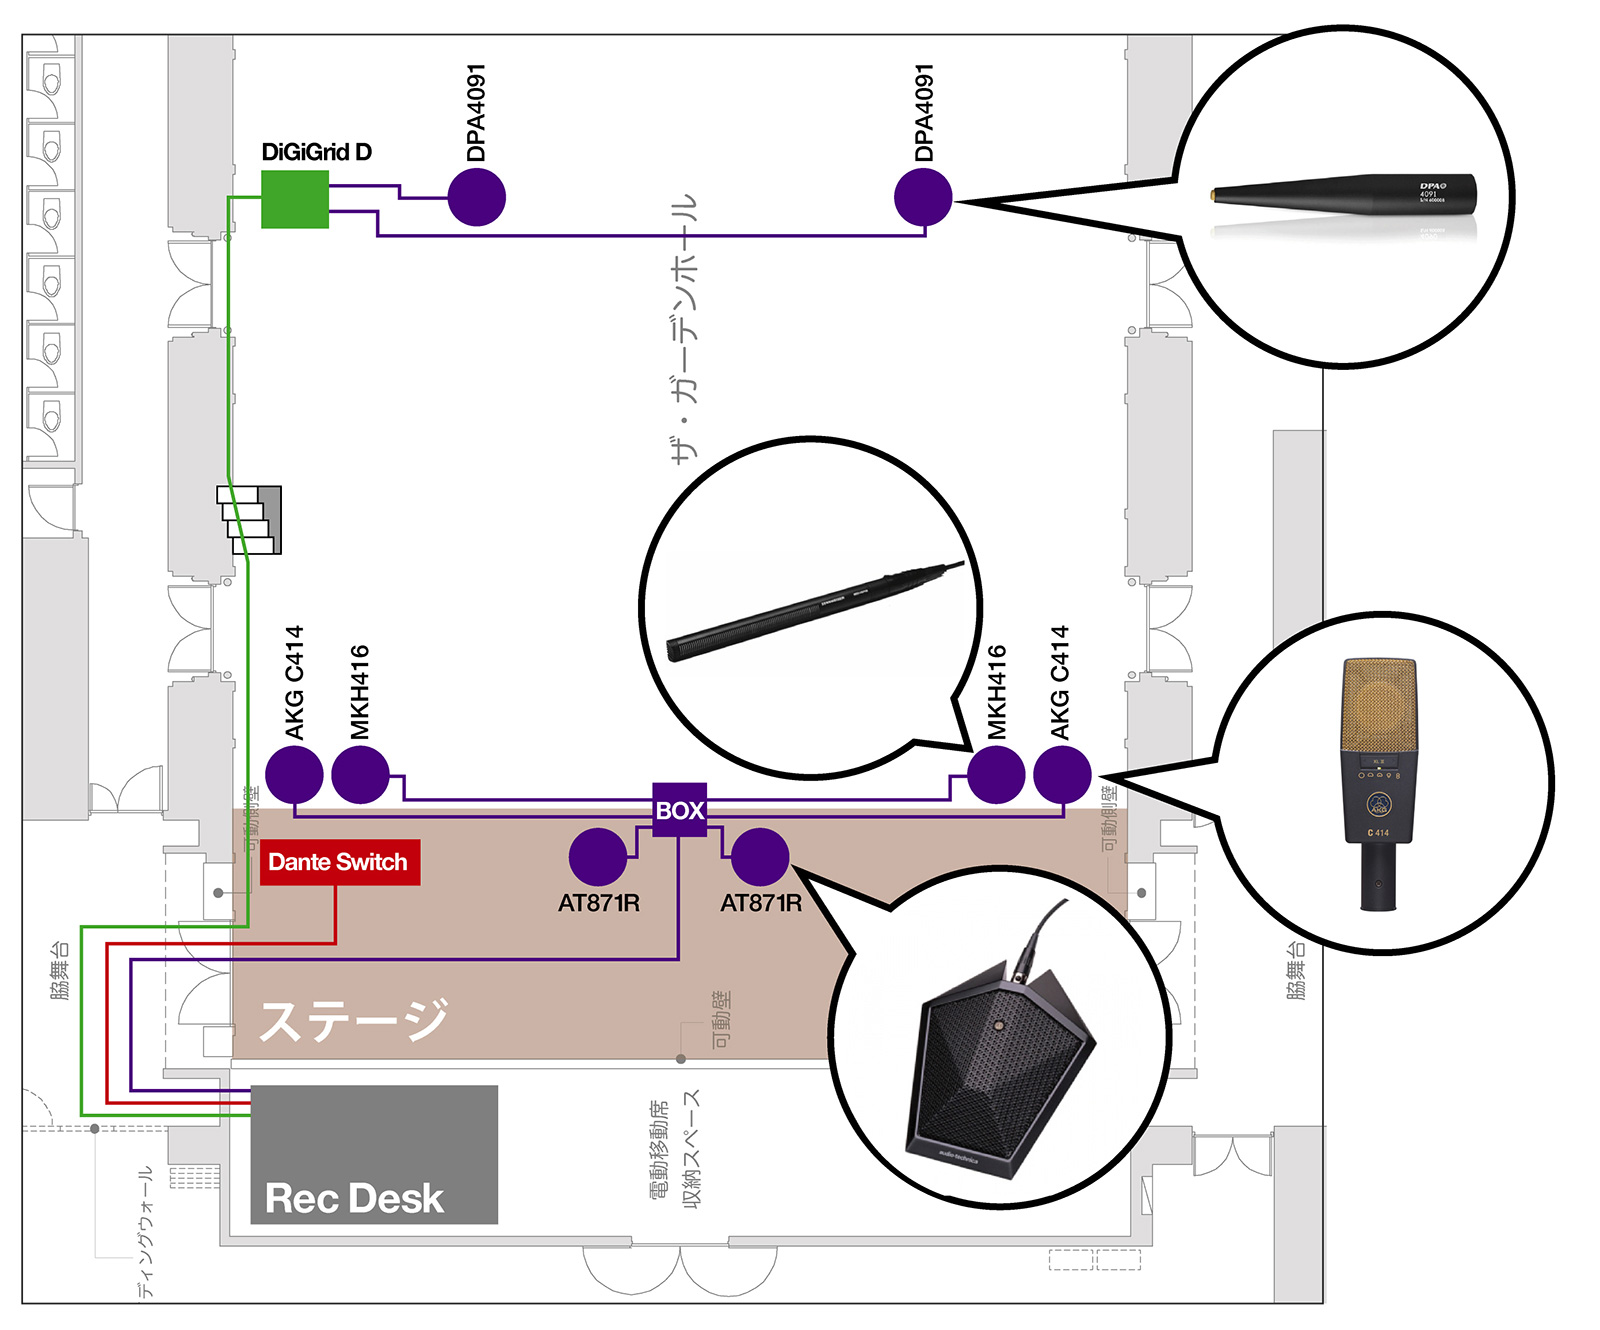 オーディエンスマイクの配置場所と接続図